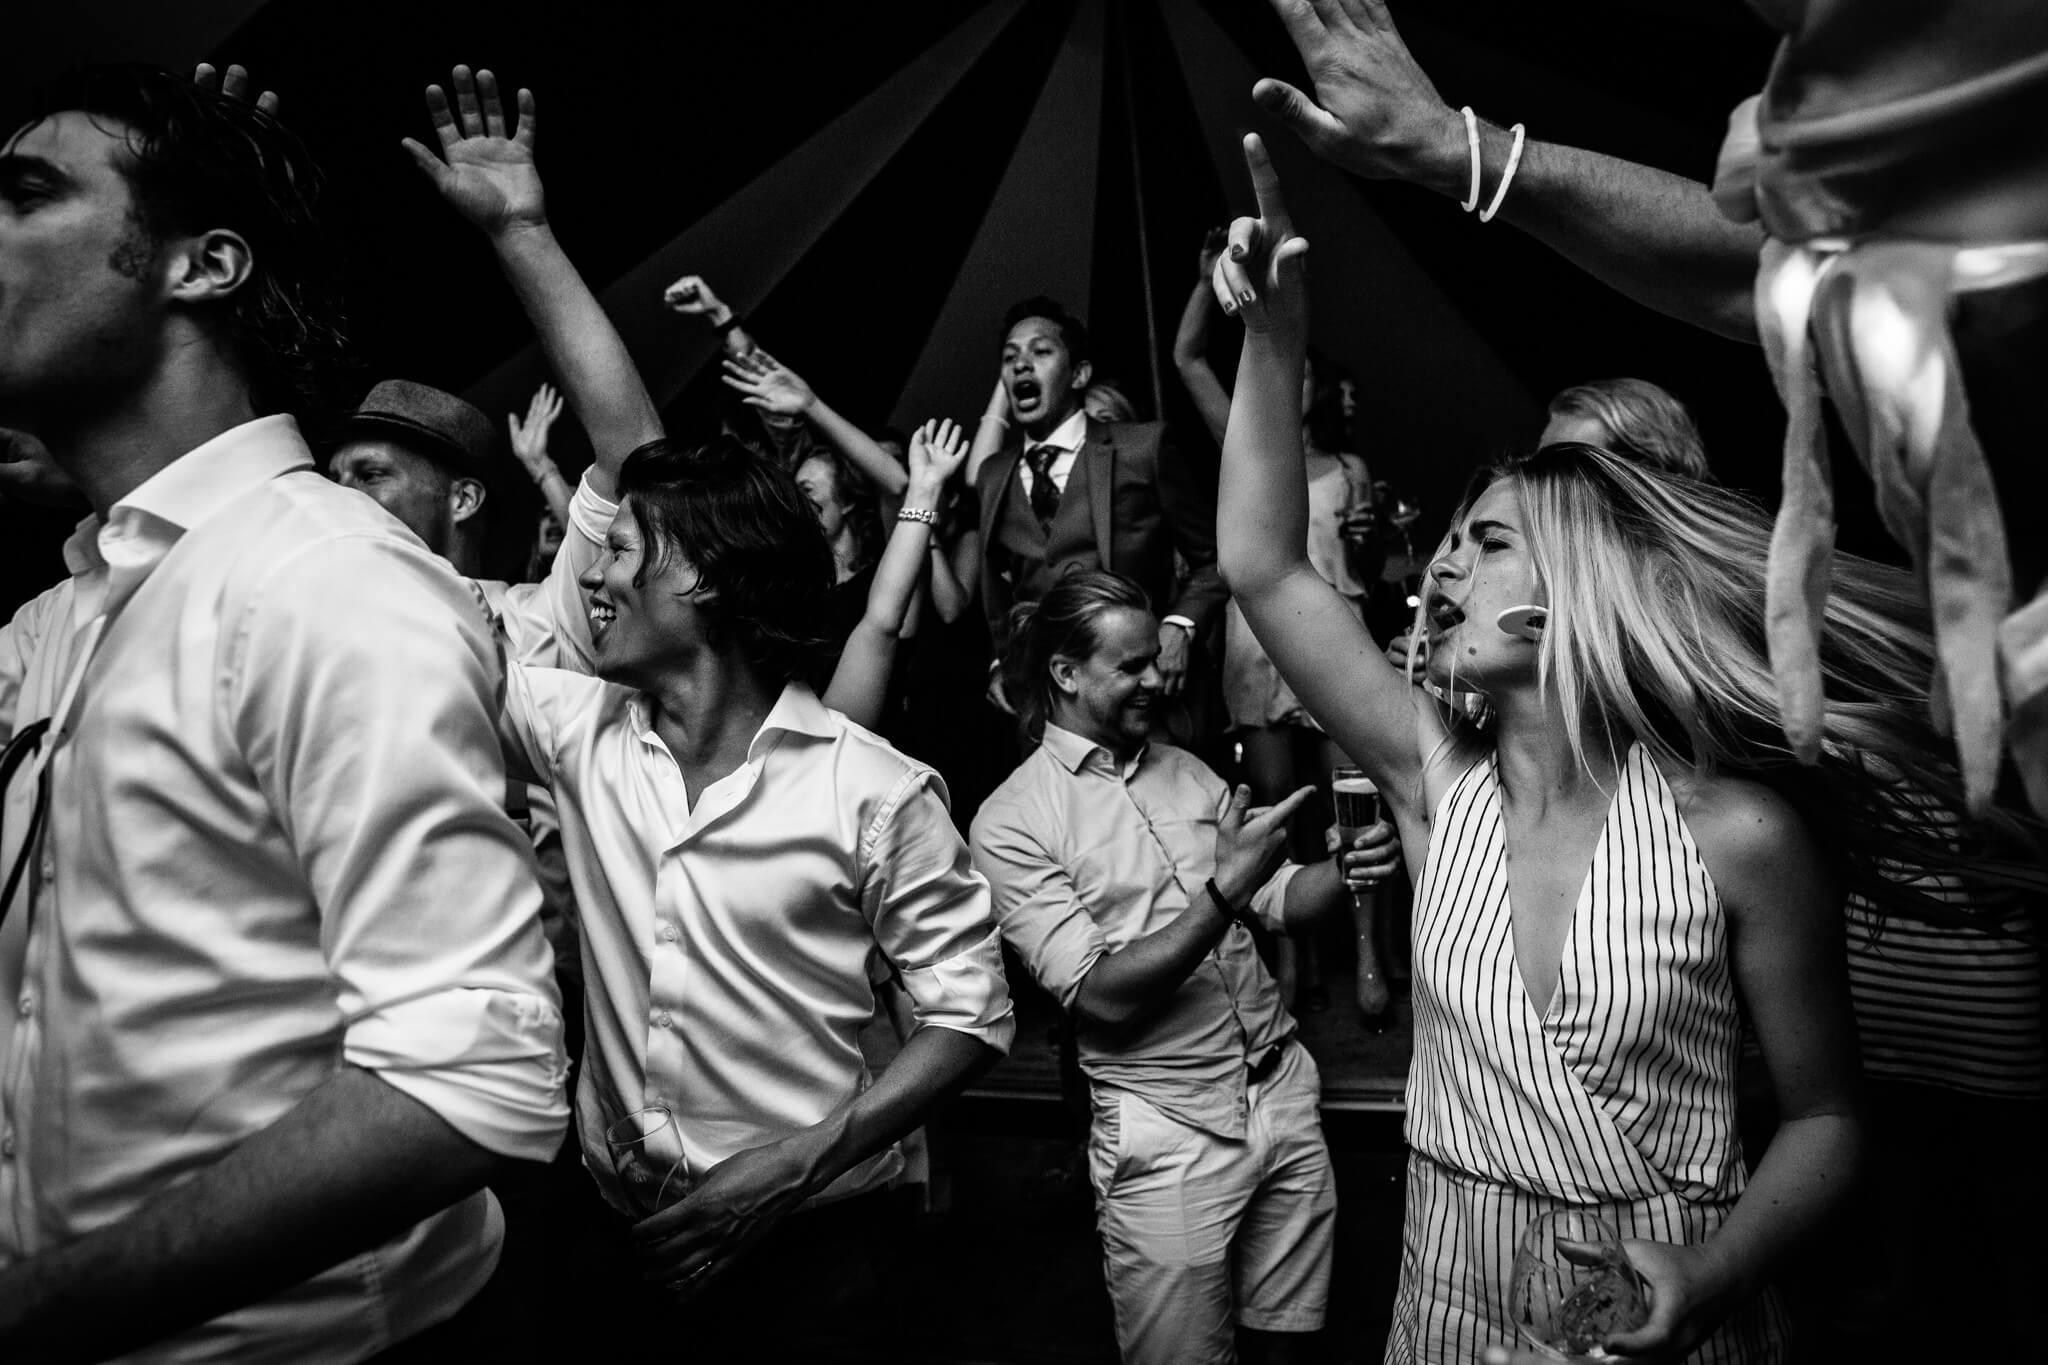 festivalbruiloft-bruidsfotograaf-utrecht-36.jpg